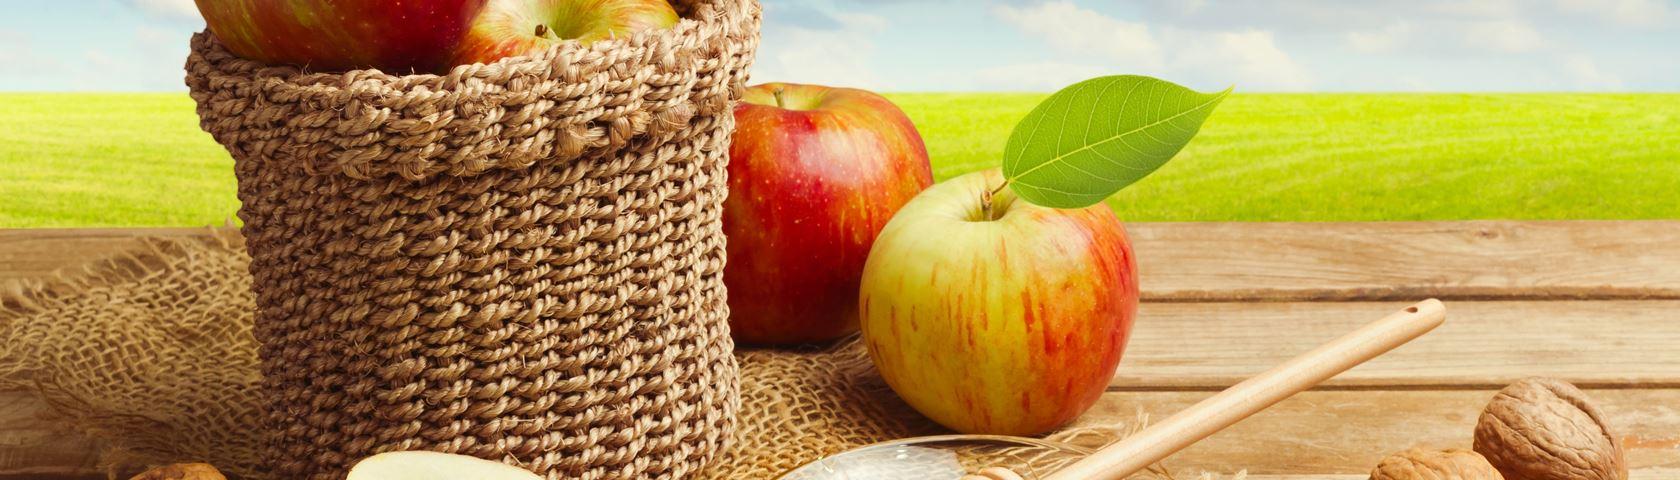 Honey Apples